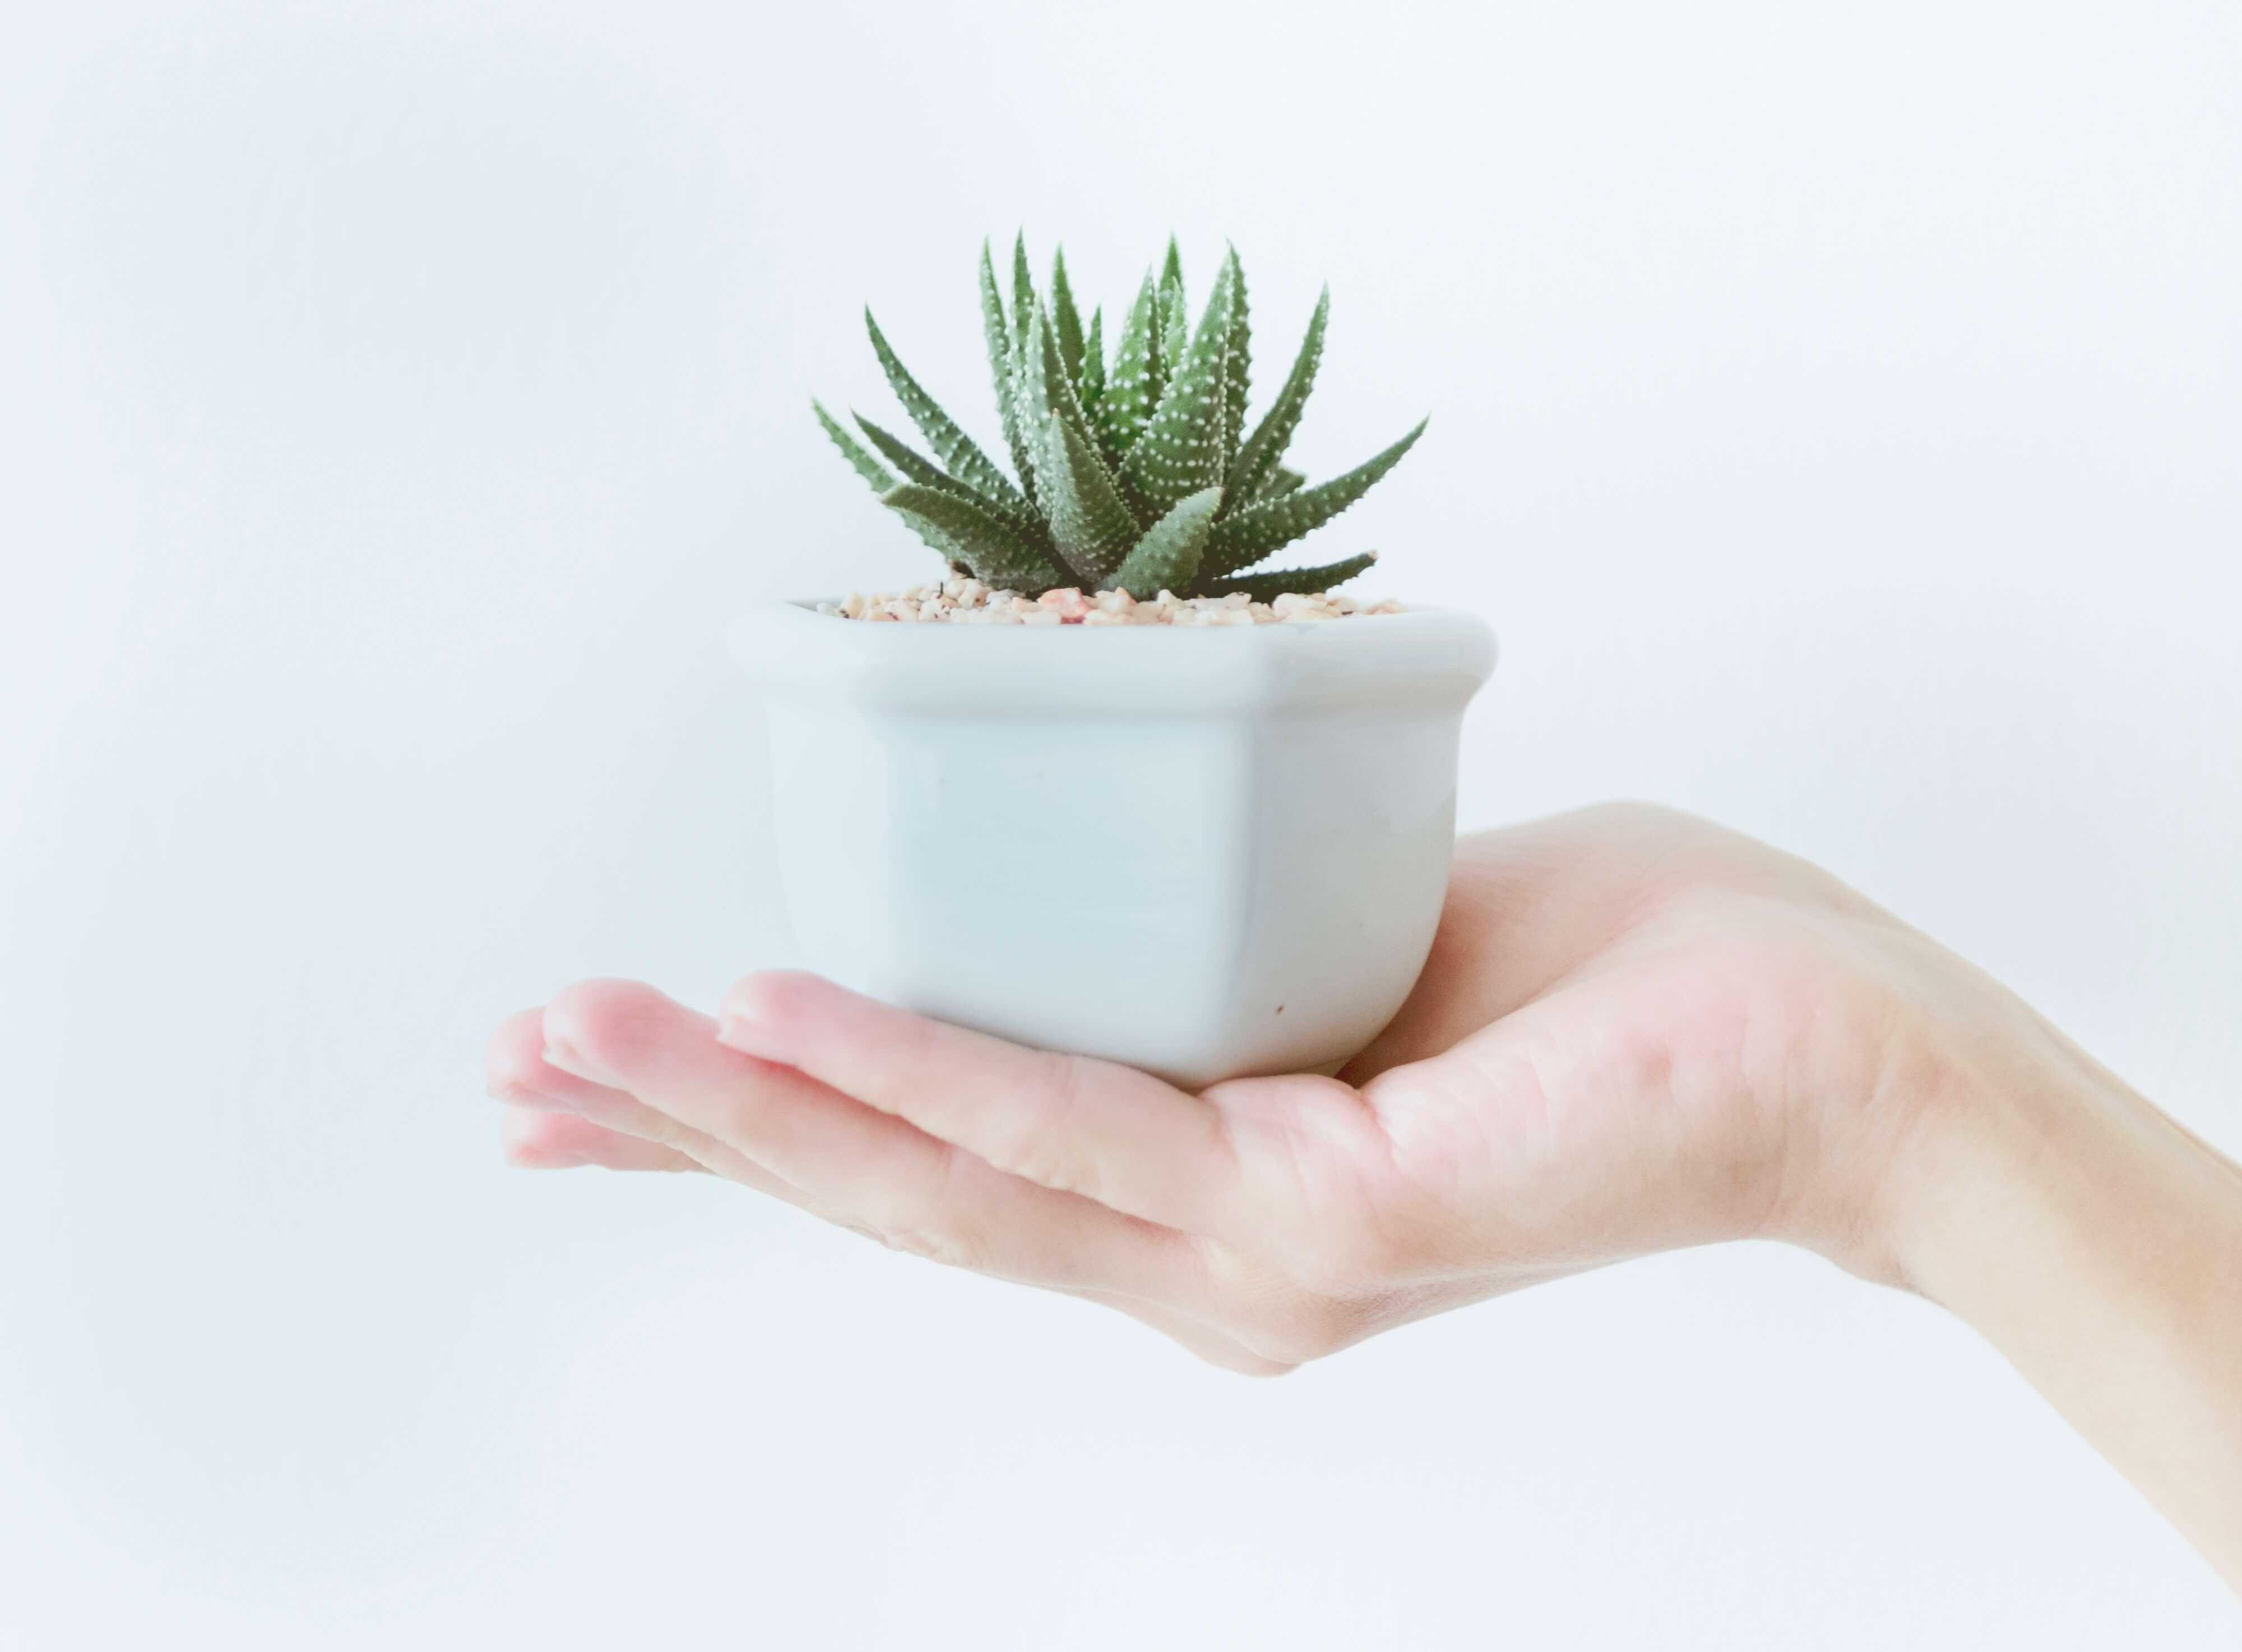 les bienfaits de l'aloe vera plante au creux d'une main